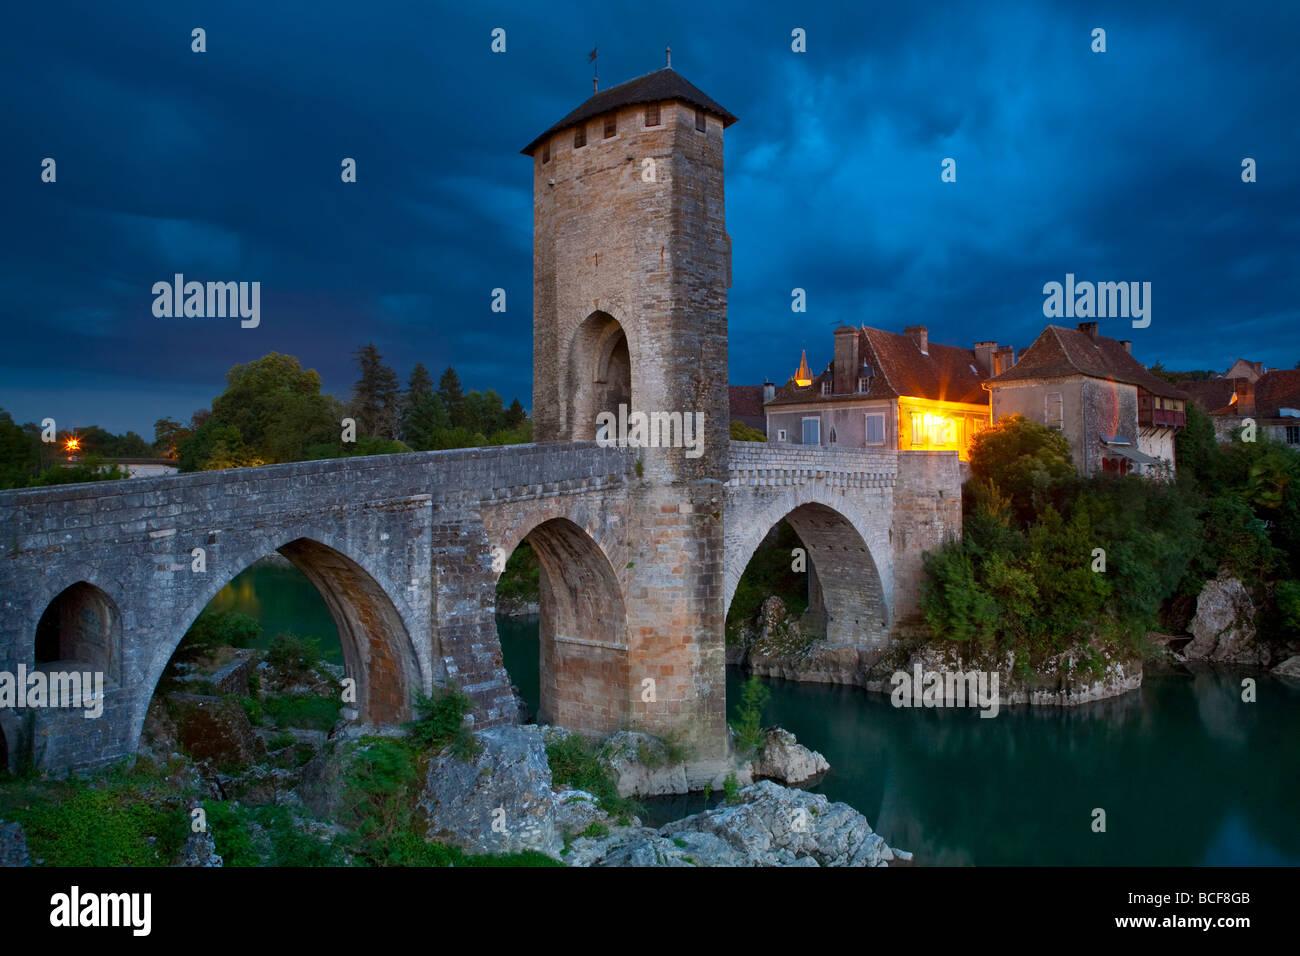 Ponte fortificato al di sopra del Gave de Pau Orthez, Pyrenees-Atlantiques, Aquitaine, Francia Immagini Stock